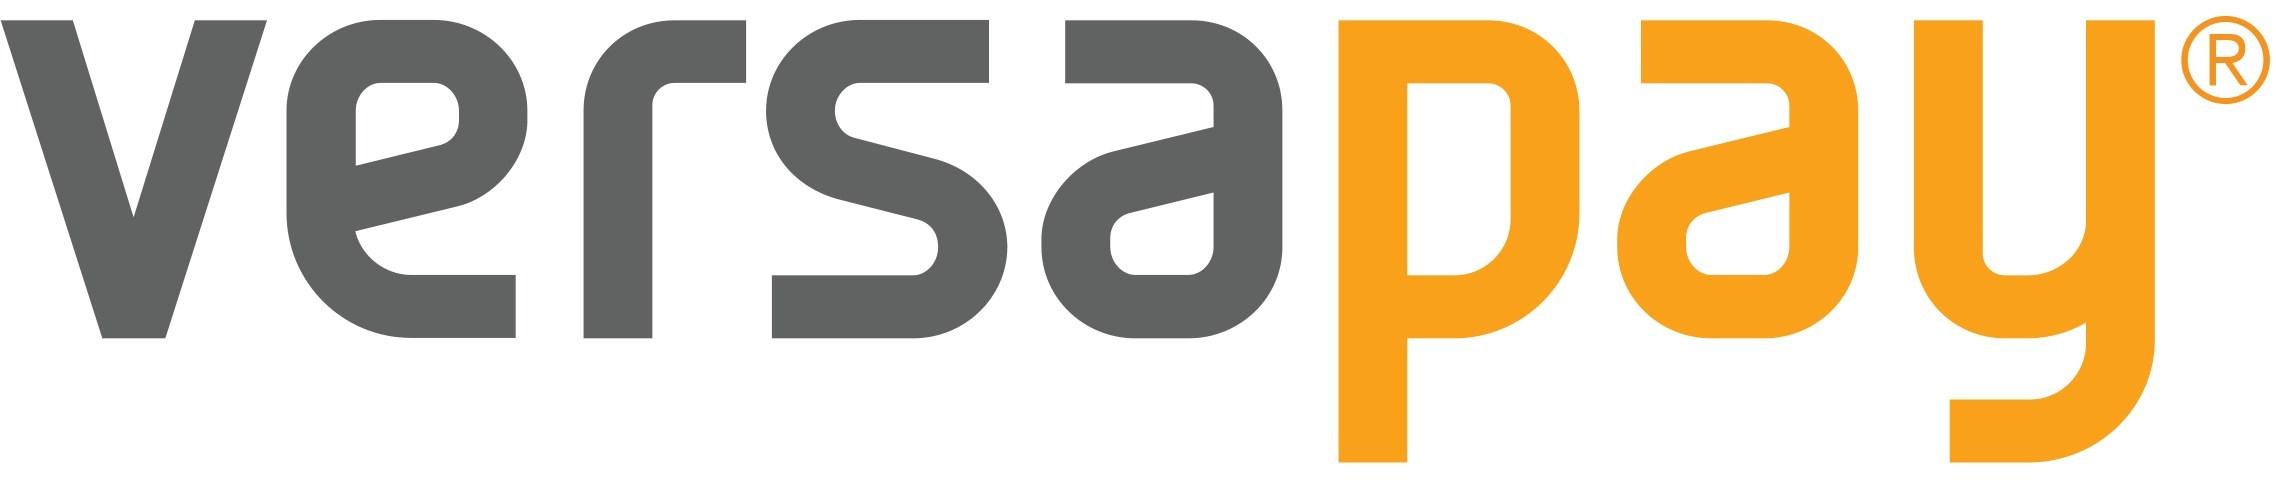 Spotlight Logo - Versapay